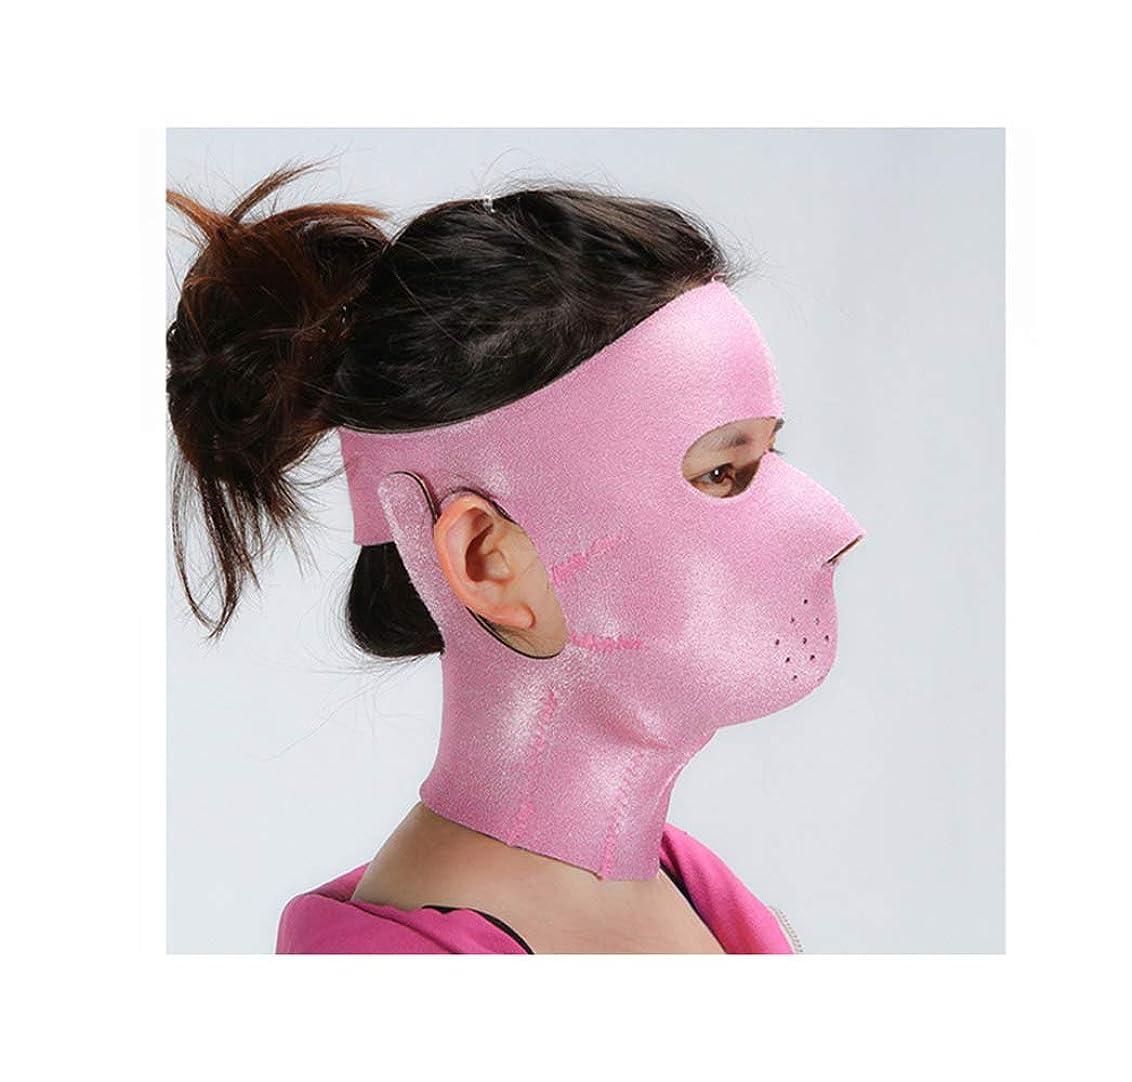 イソギンチャクバターやりがいのあるTLMY 薄い顔マスクマスクプラス薄いマスク引き締めアンチエイジング薄いマスク顔の薄い顔マスクアーティファクト美容ネックバンド 顔用整形マスク